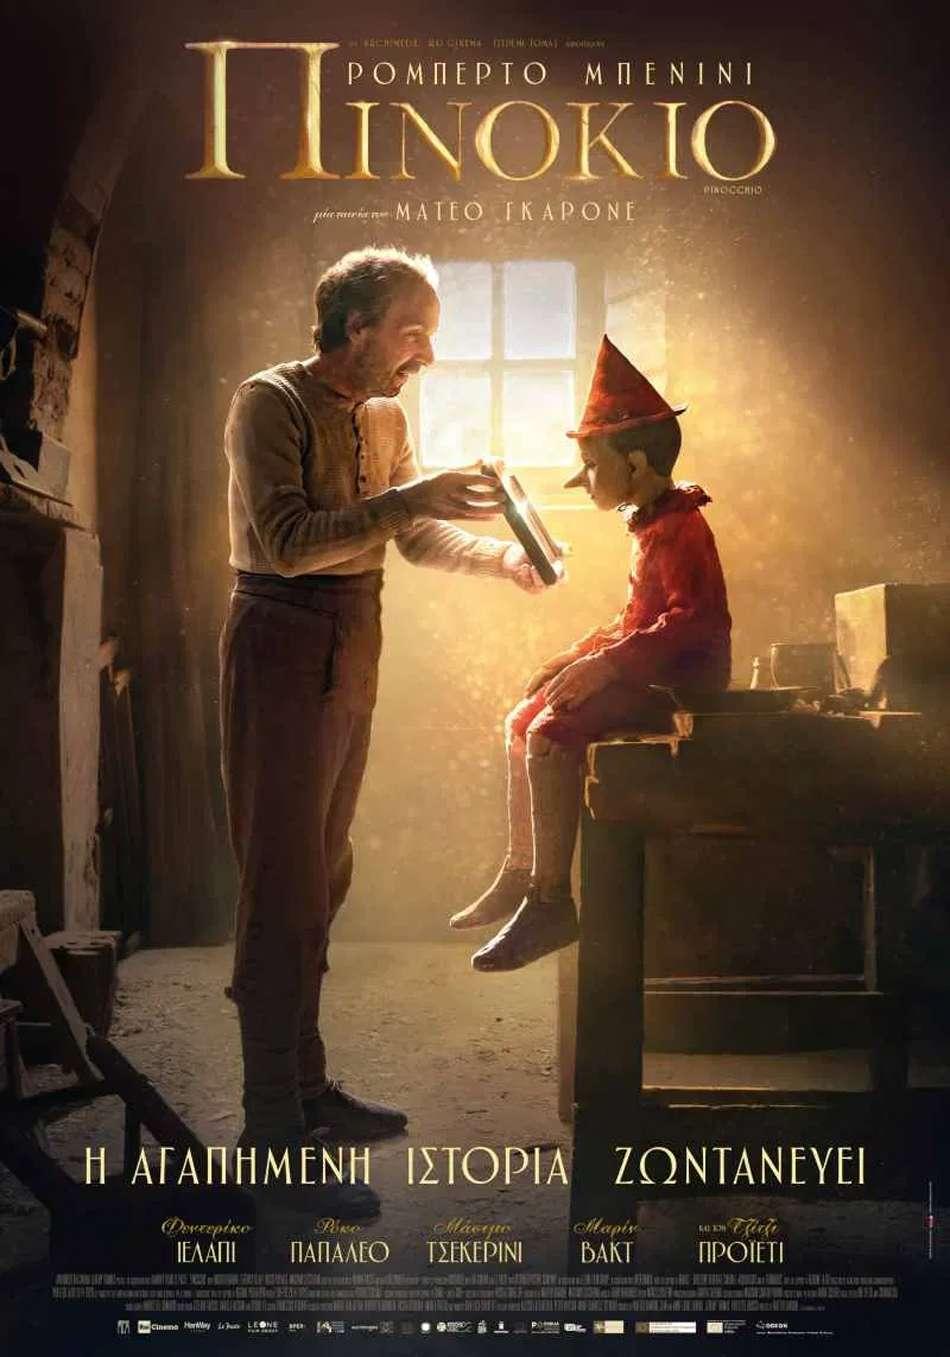 Πινόκιο (Pinocchio) Poster Πόστερ